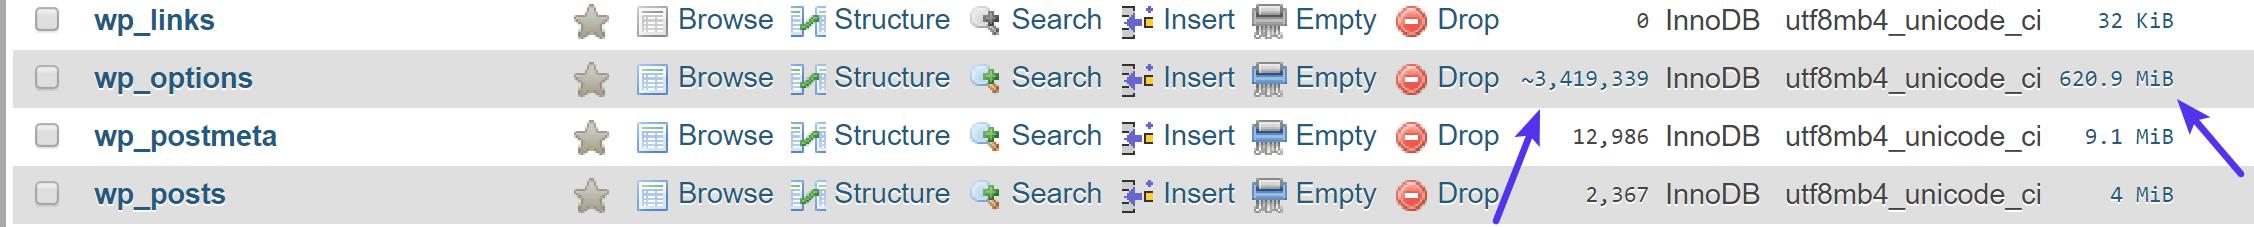 wp_options tabel met miljoenen rijen